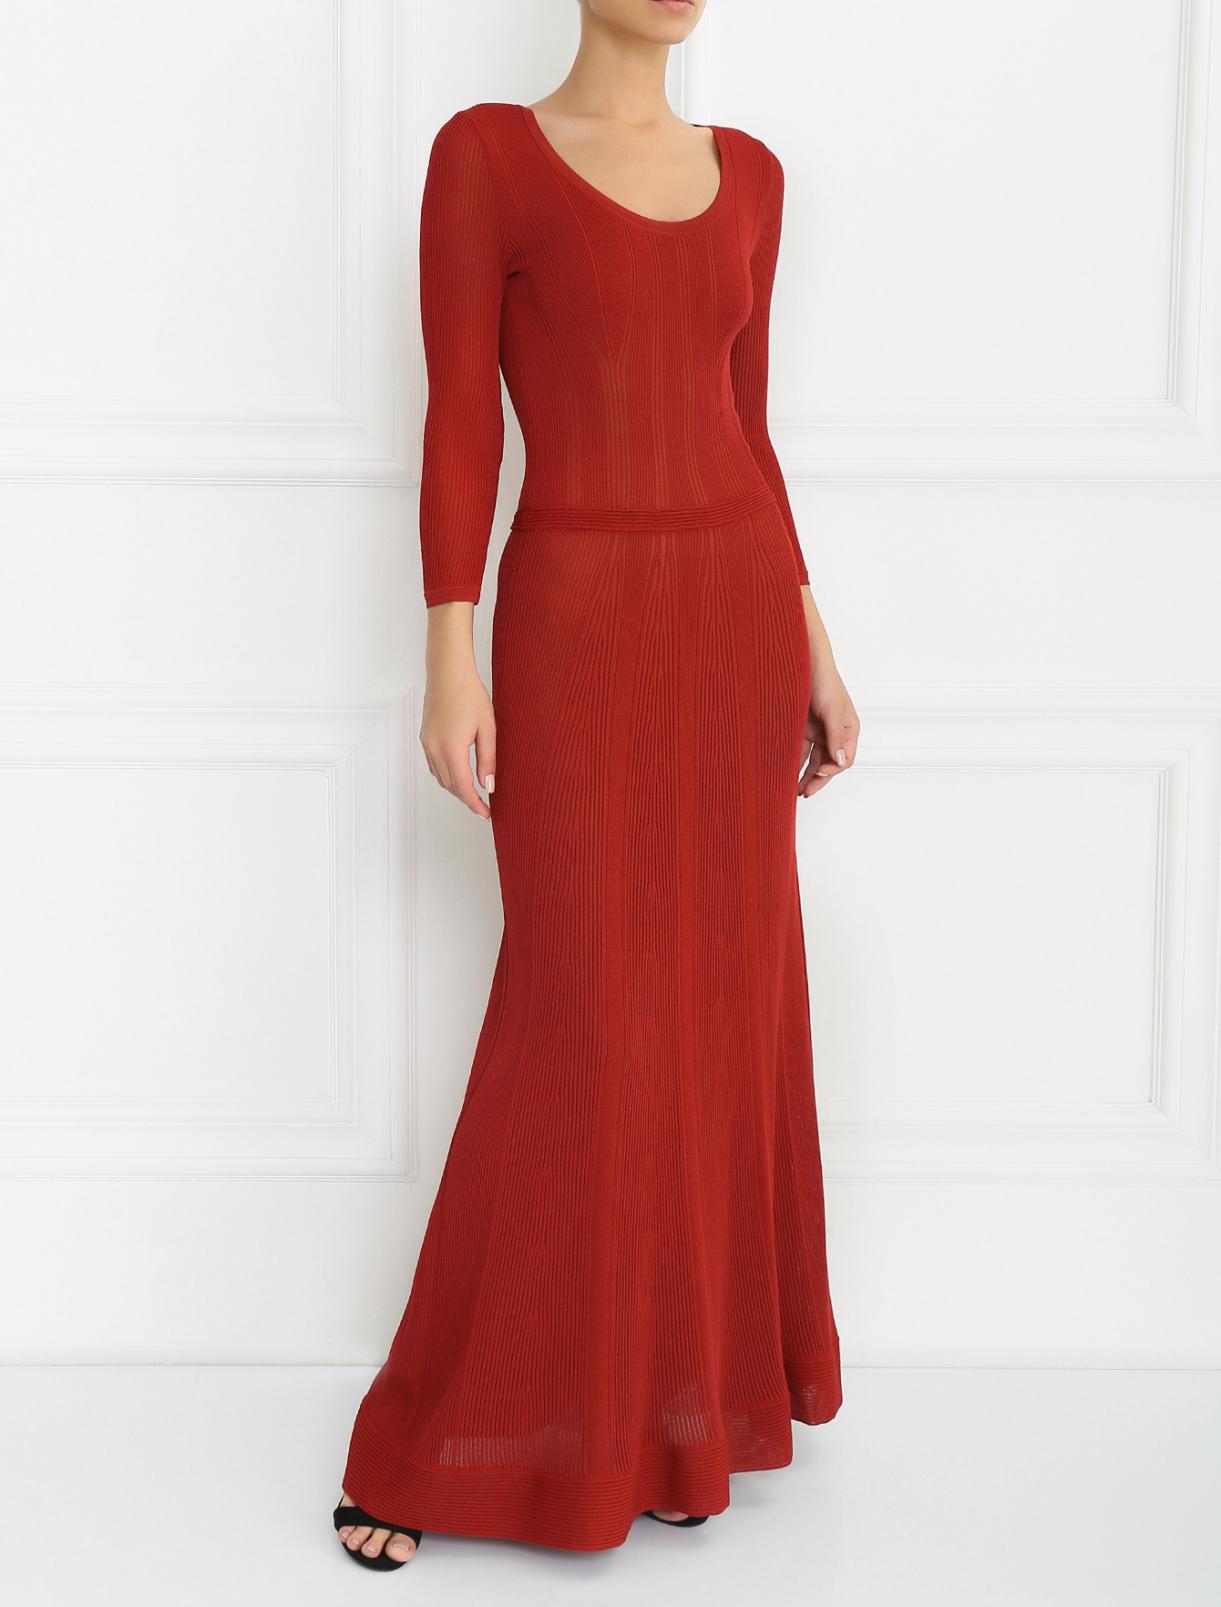 Платье-макси с рукавом 3/4 Alberta Ferretti  –  Модель Общий вид  – Цвет:  Красный